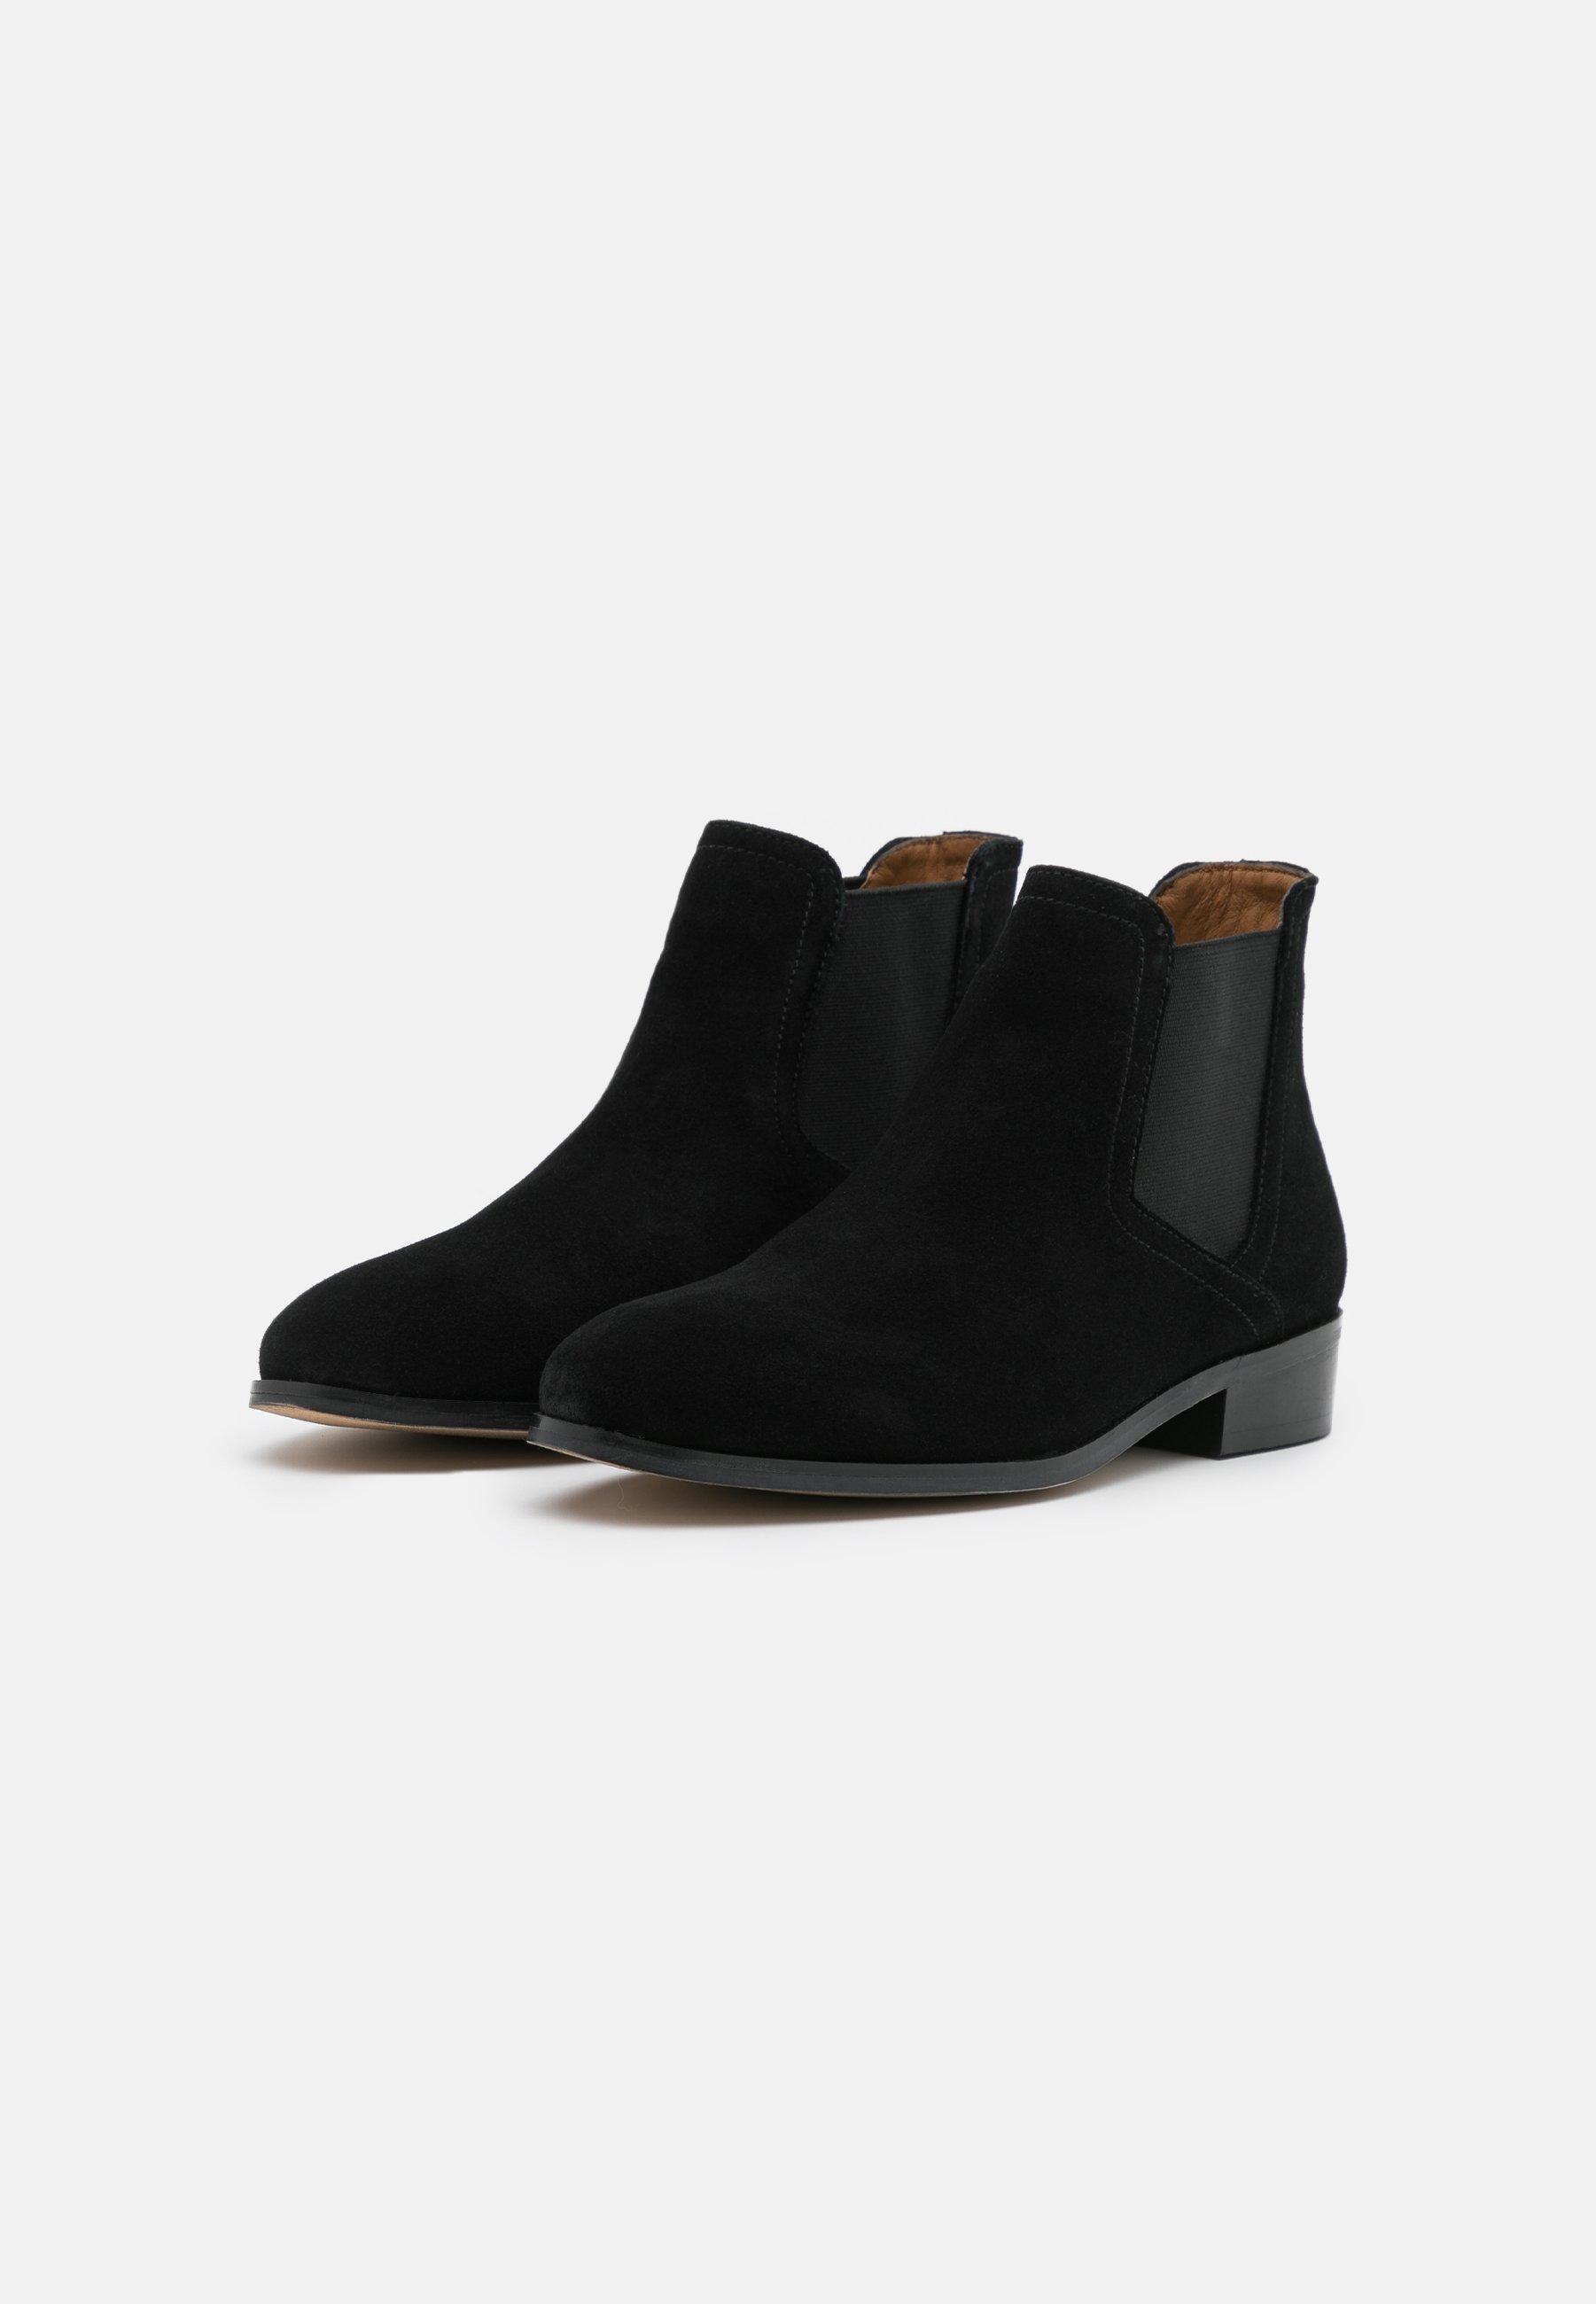 Les Tropéziennes par M Belarbi UZOU Ankle Boot noir/schwarz